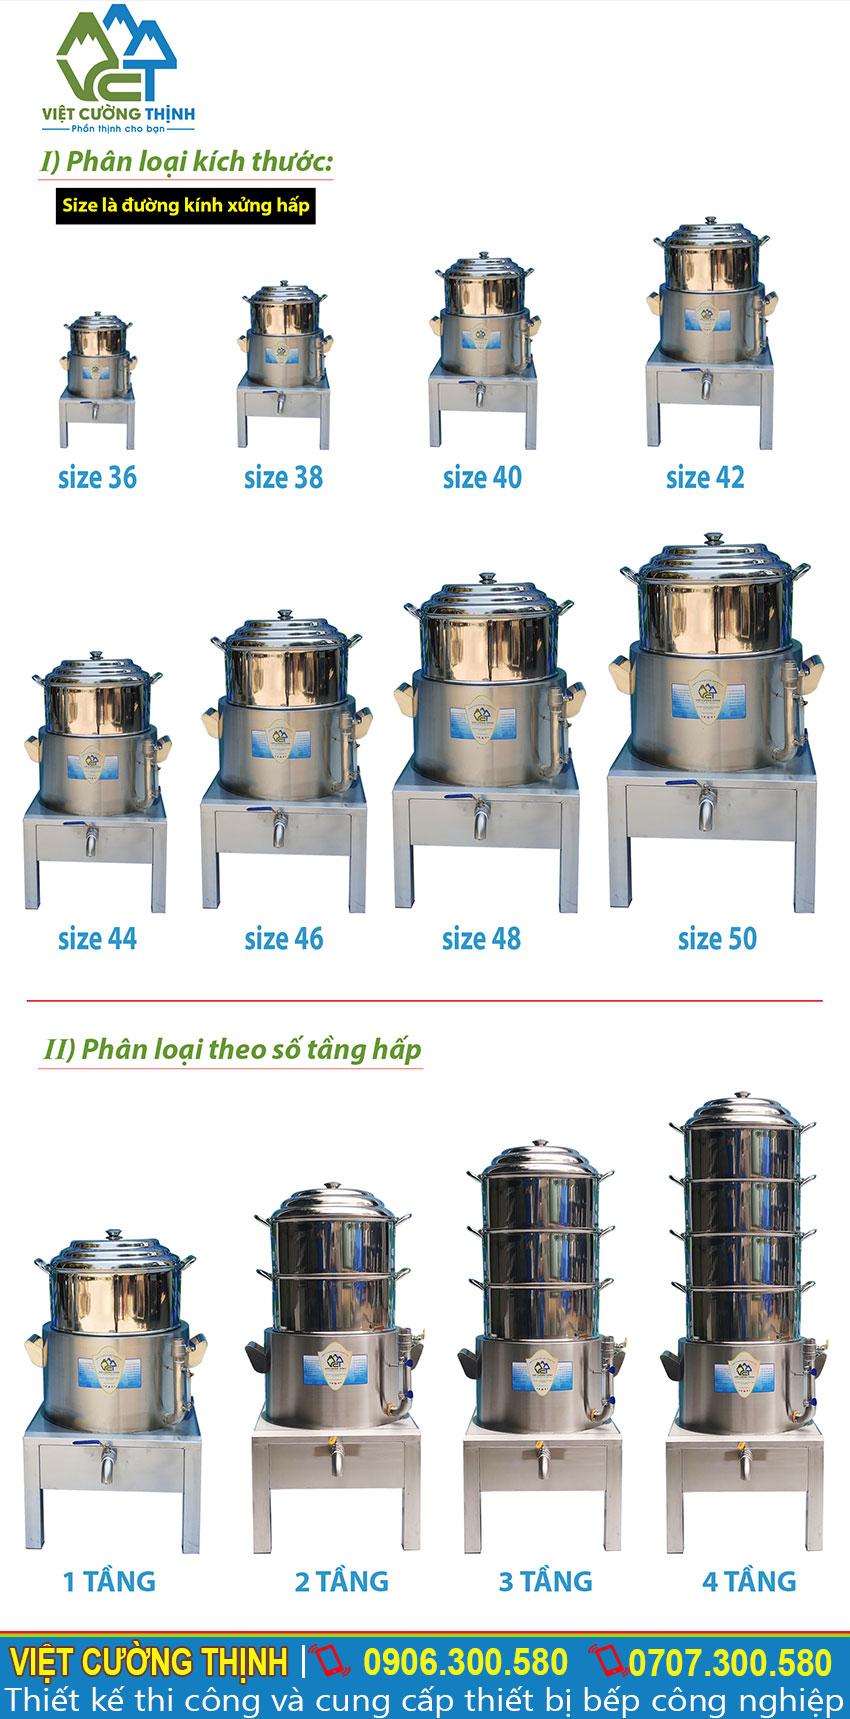 Việt Cường Thịnh cung cấp các loại nồi hấp điện công nghiệp sau: